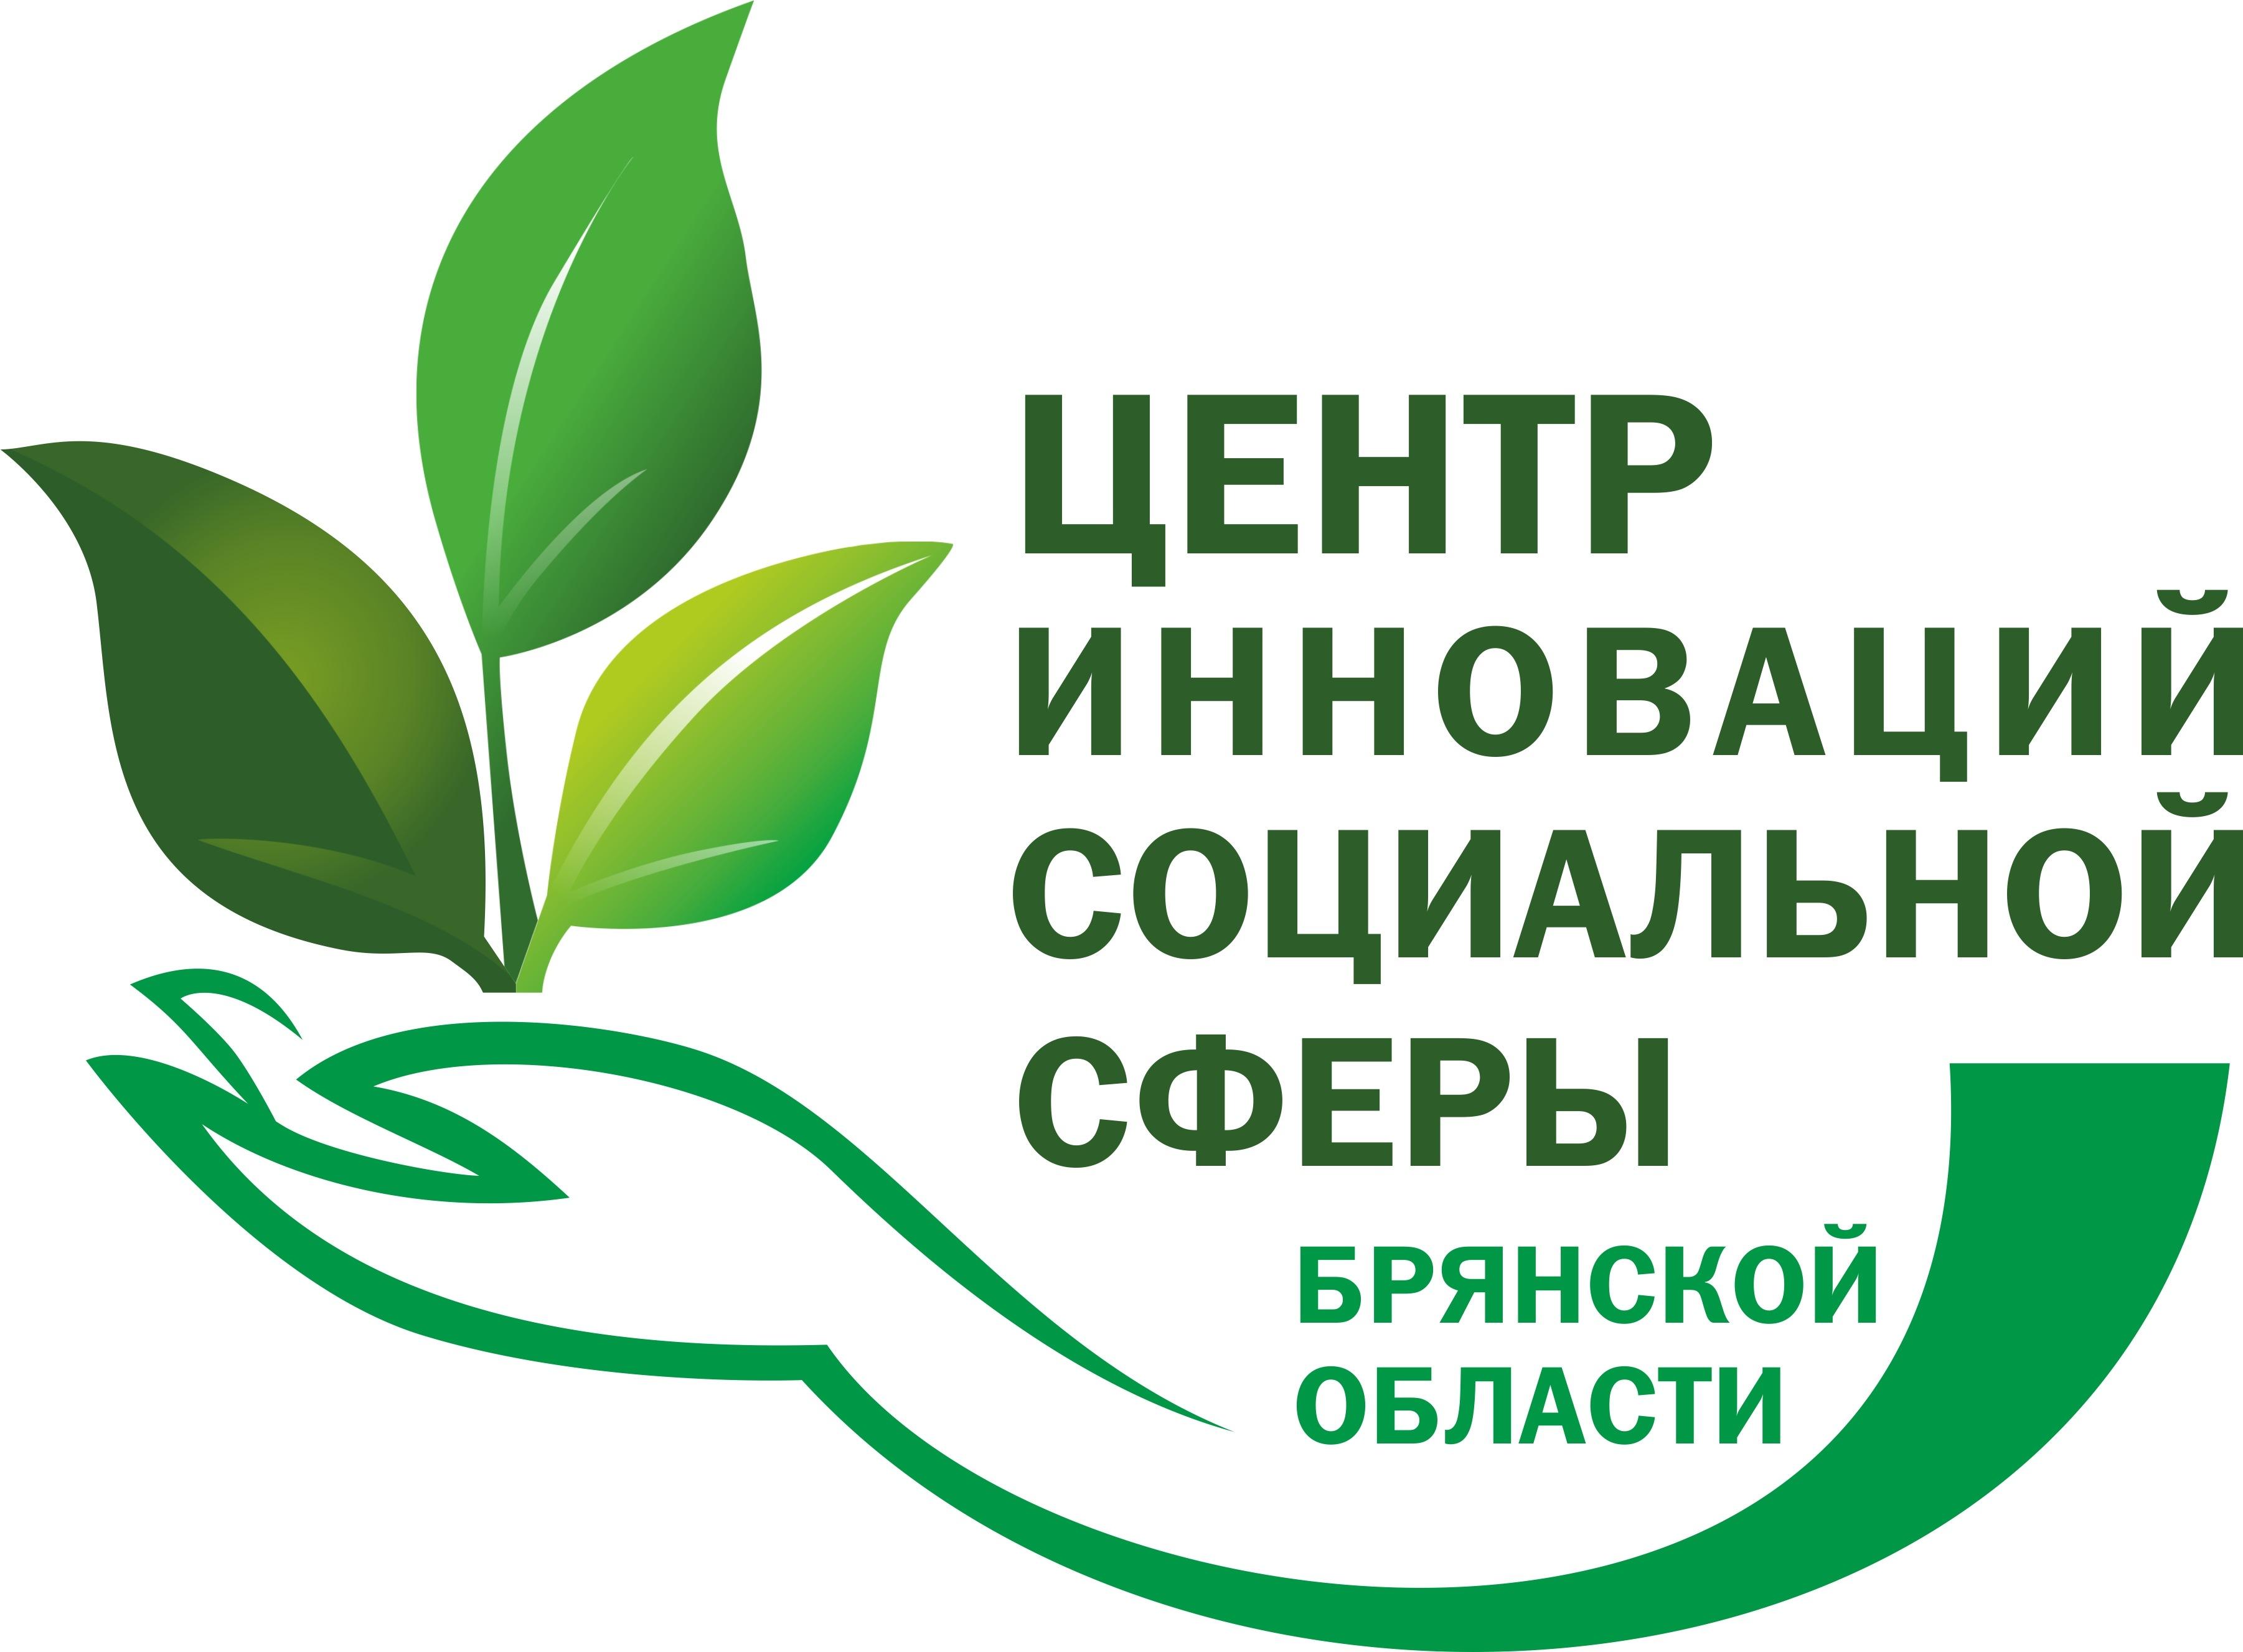 Центр инноваций социальной сферы приглашает на  бесплатный семинар.